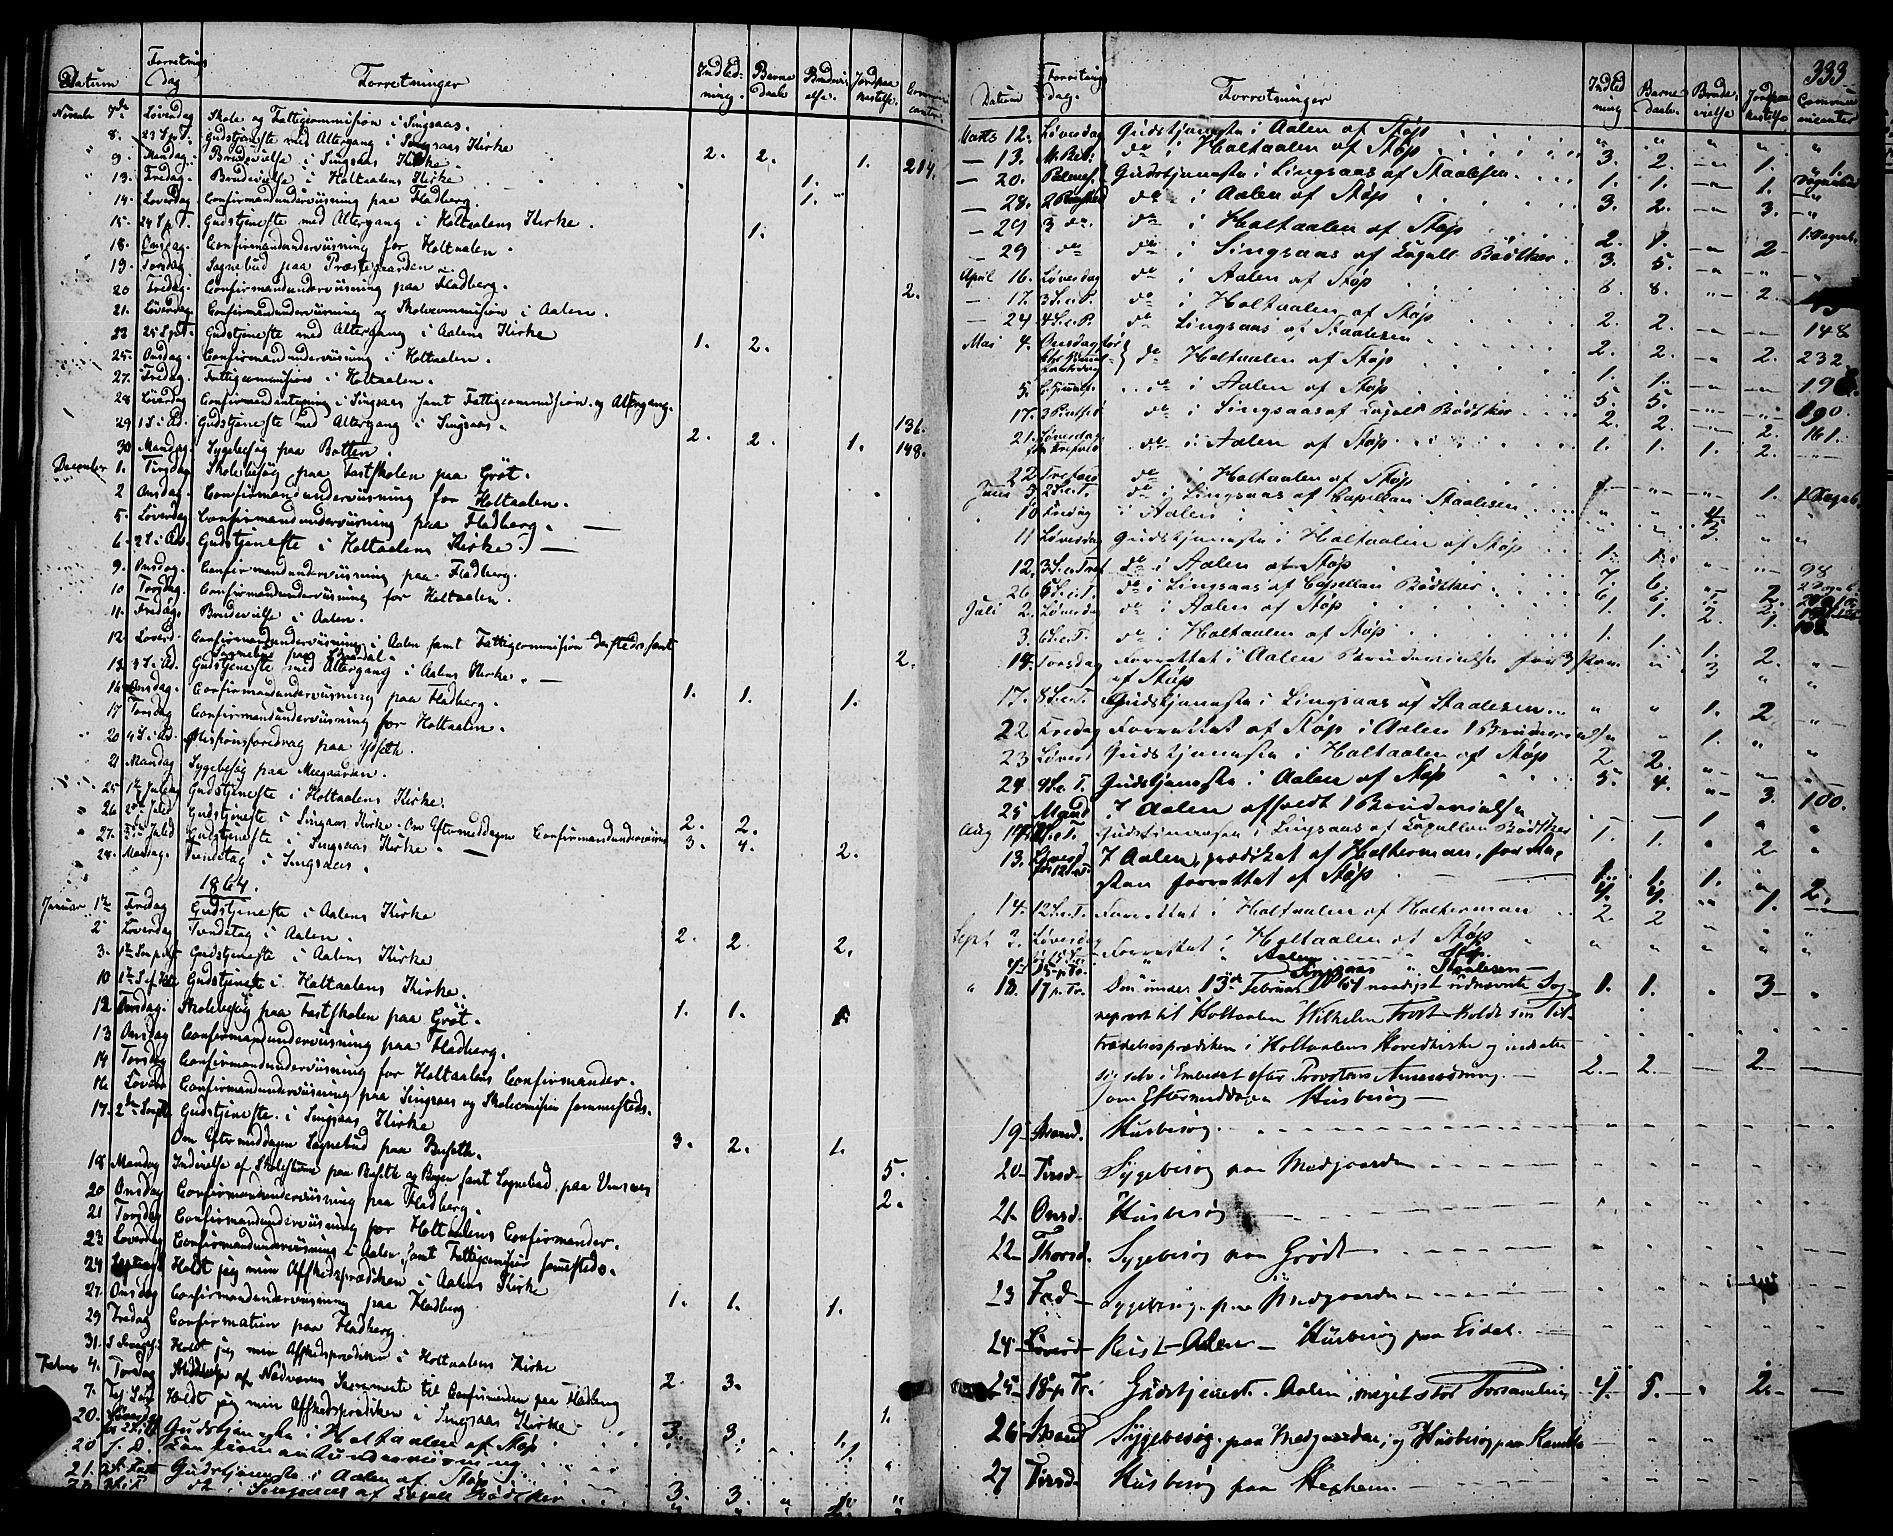 SAT, Ministerialprotokoller, klokkerbøker og fødselsregistre - Sør-Trøndelag, 685/L0966: Ministerialbok nr. 685A07 /1, 1860-1869, s. 333